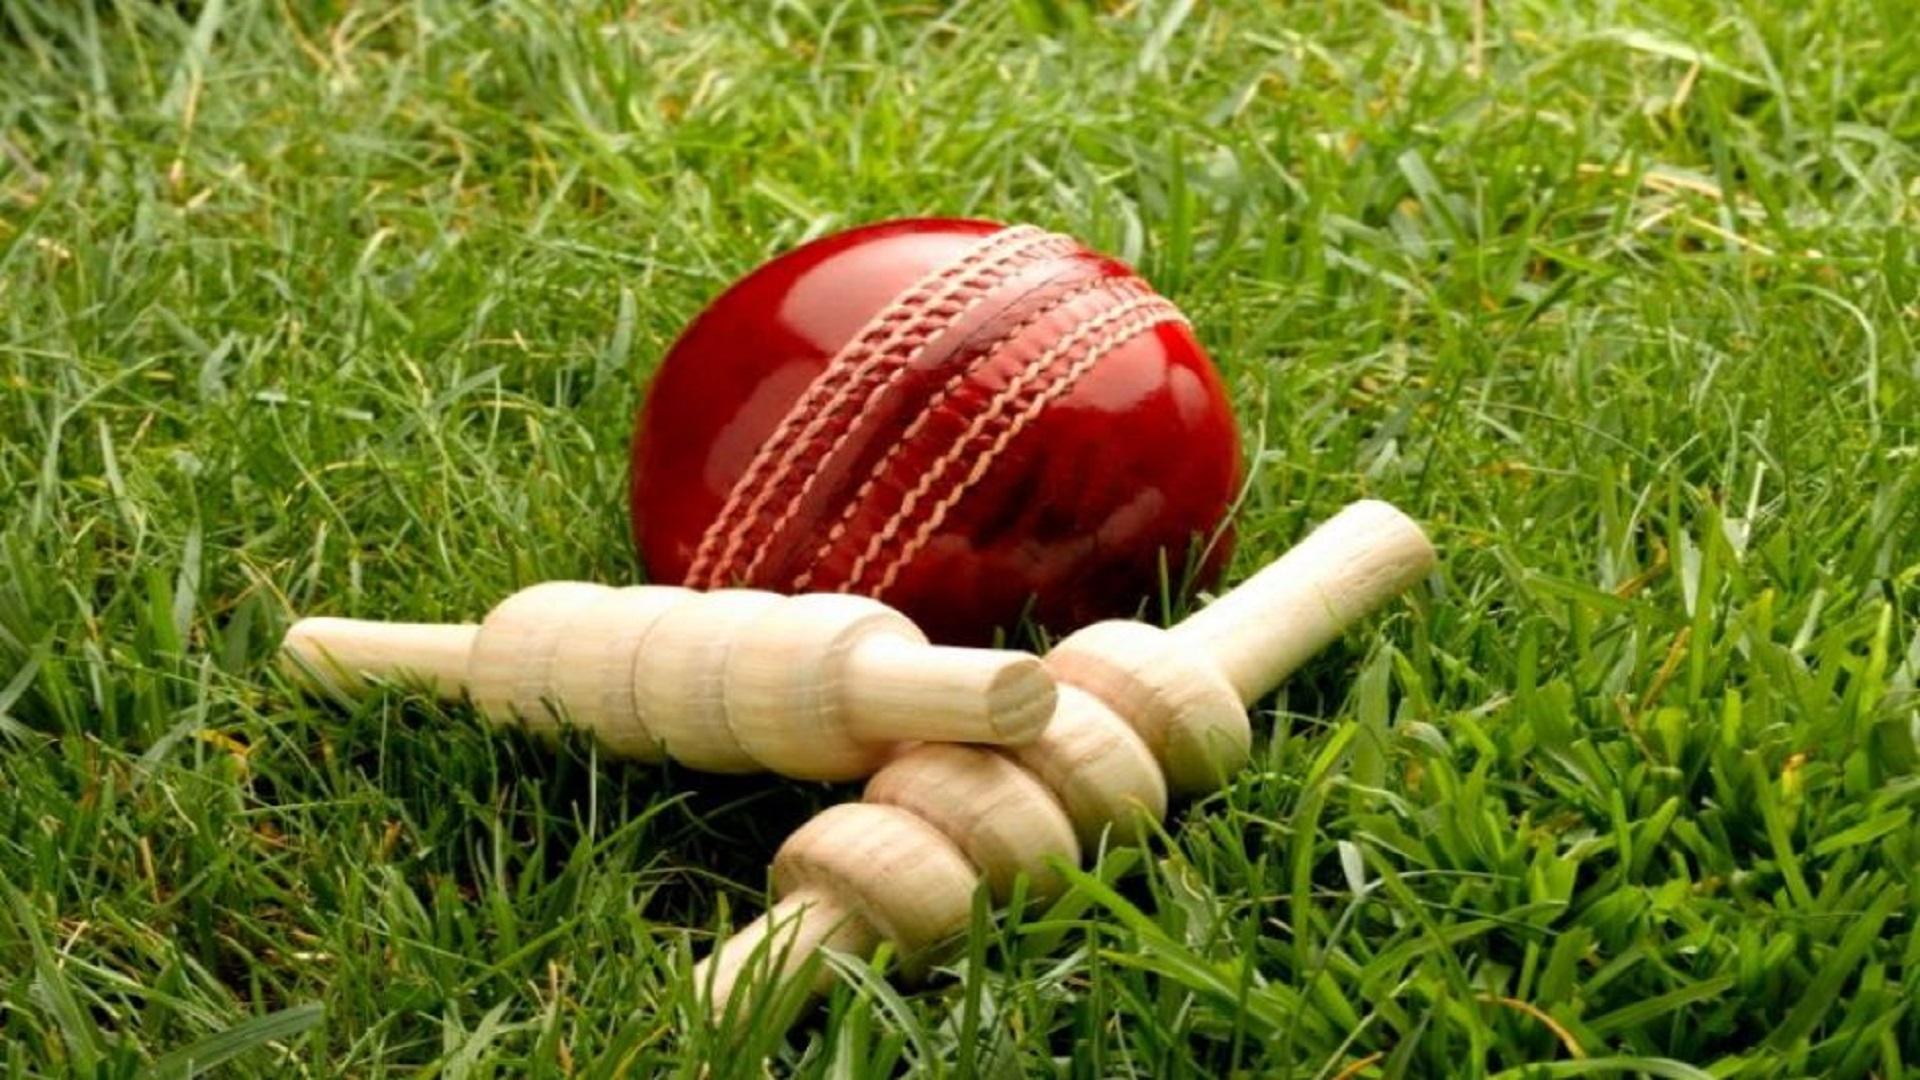 अनोखा रिकॉर्ड- लगातार 4 गेंदों में 4 विकेट लेने वाले दुनिया के दिग्गज गेंदबाज 9